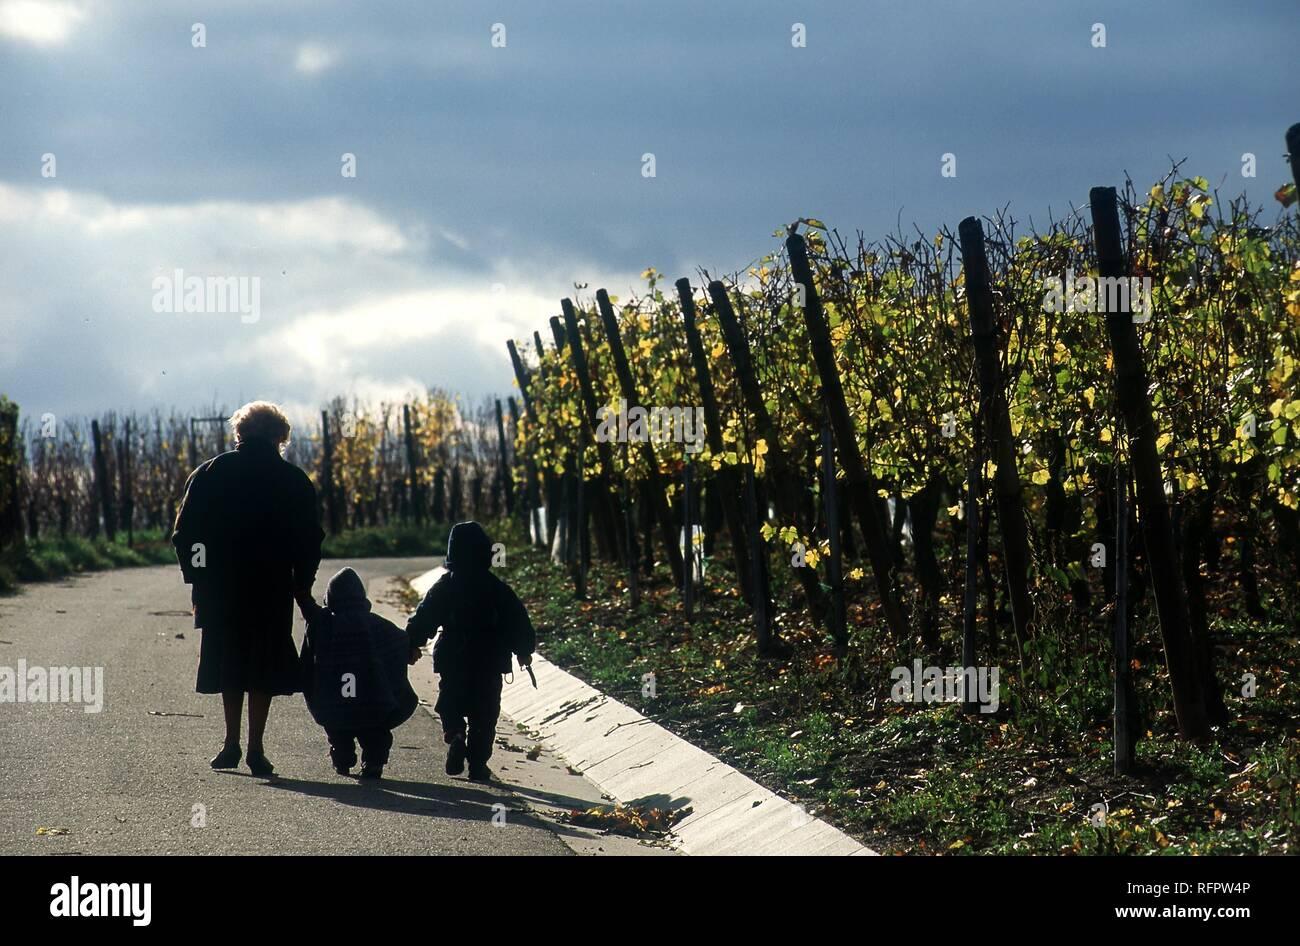 FRA, Francia, Ribeauville: nonna cammina con il suo grand i bambini nella vigna. Immagini Stock